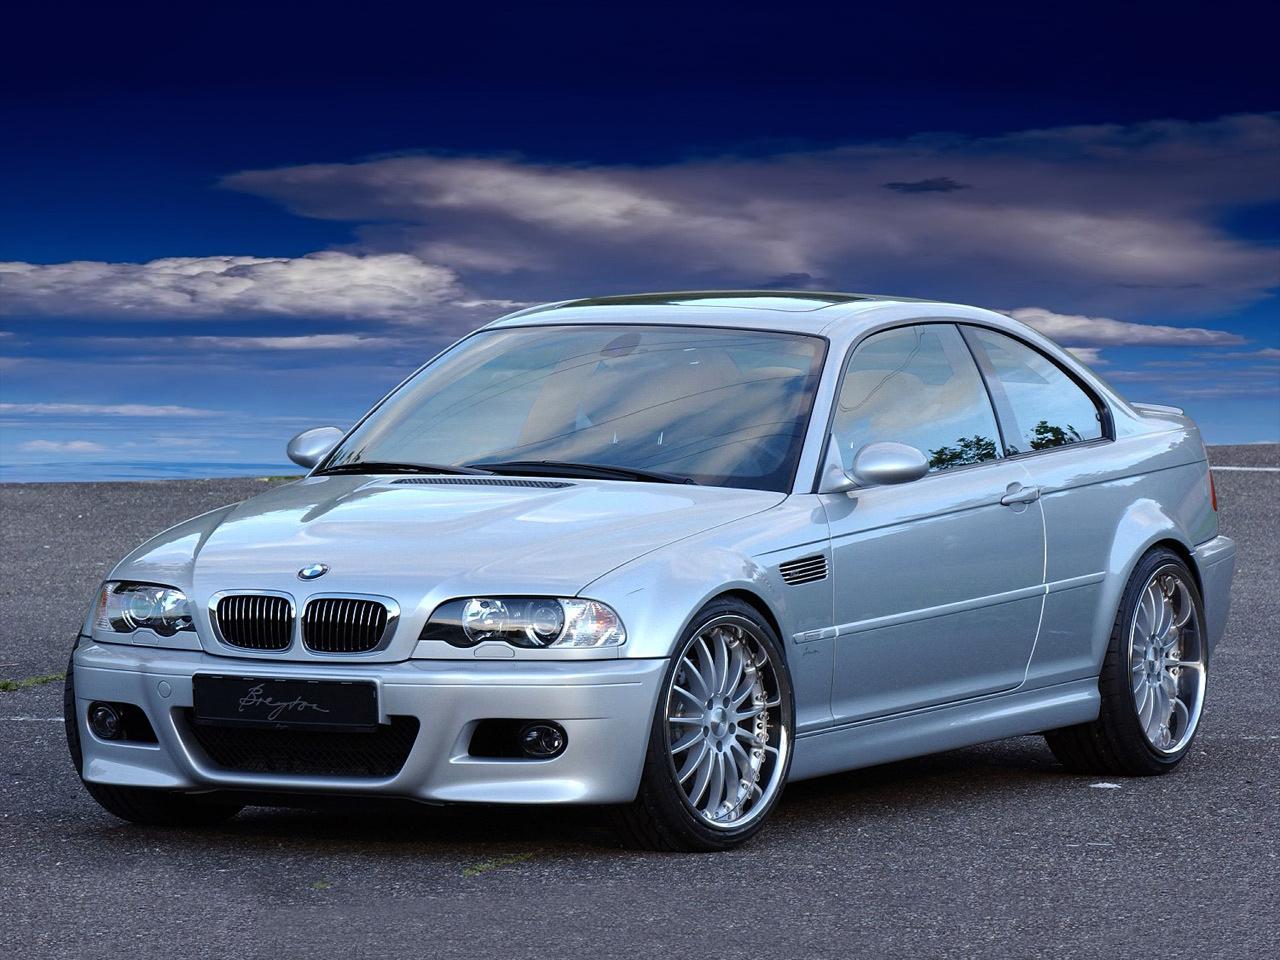 BMW M3 Coupe Breyton E46 Bmw m3 wallpaper 1280x960